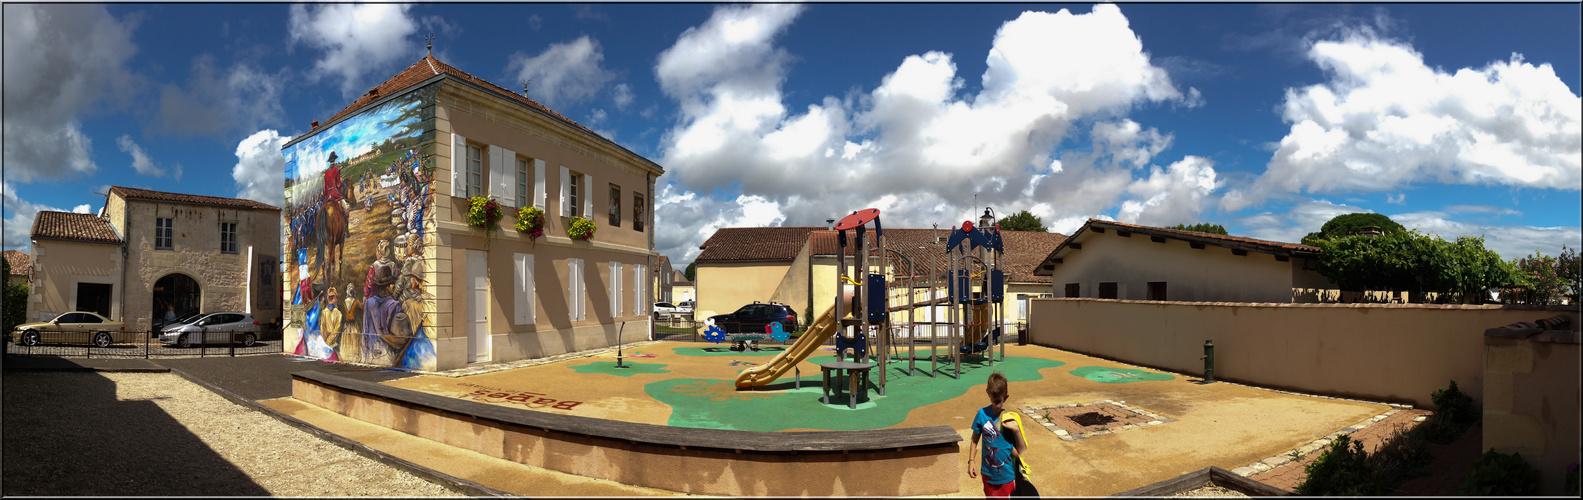 Kinderspielplatz beim Chateau Lynch